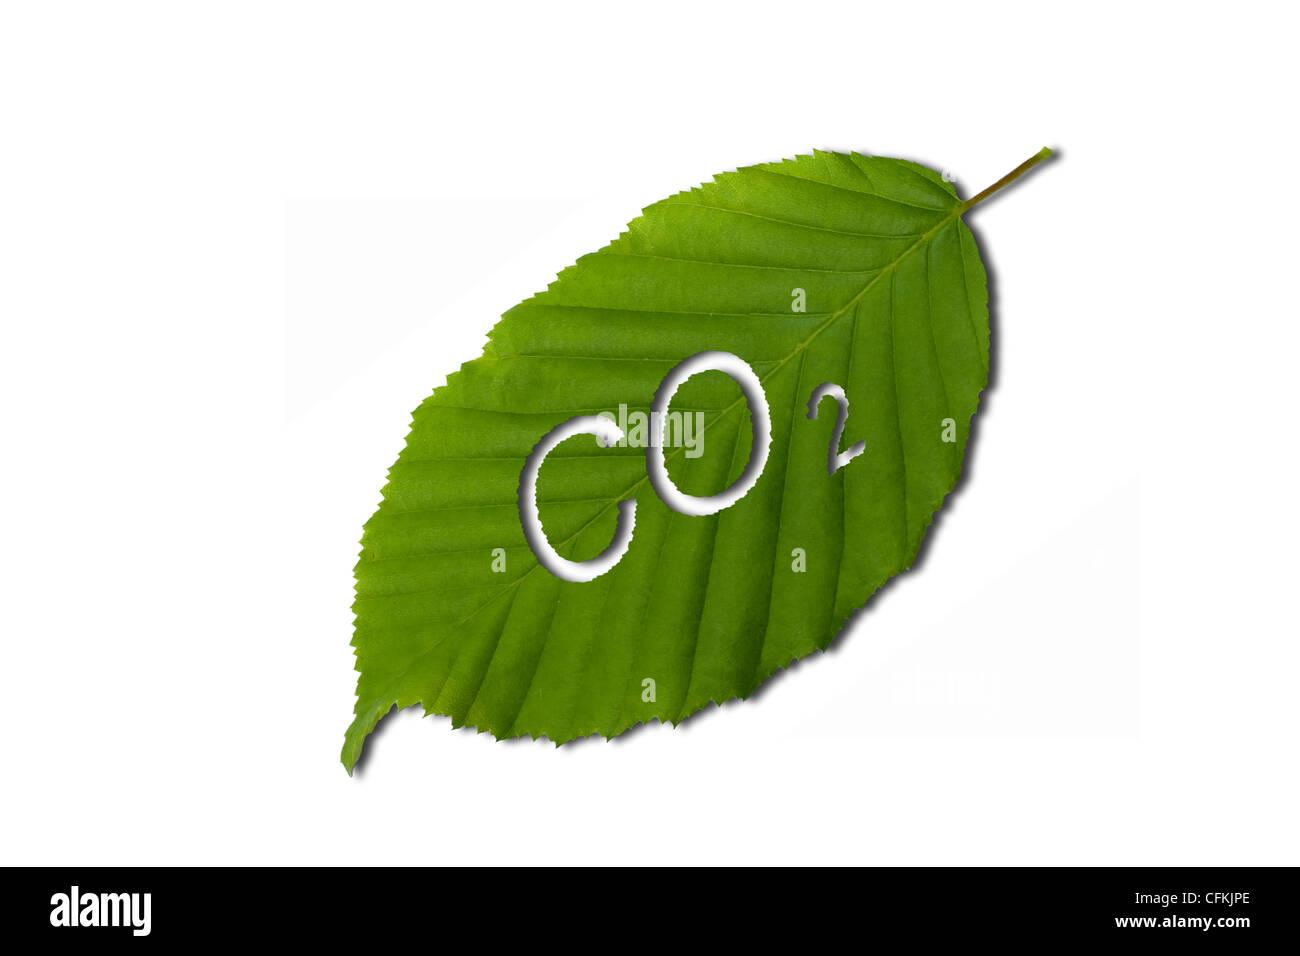 Biossido di carbonio Immagini Stock